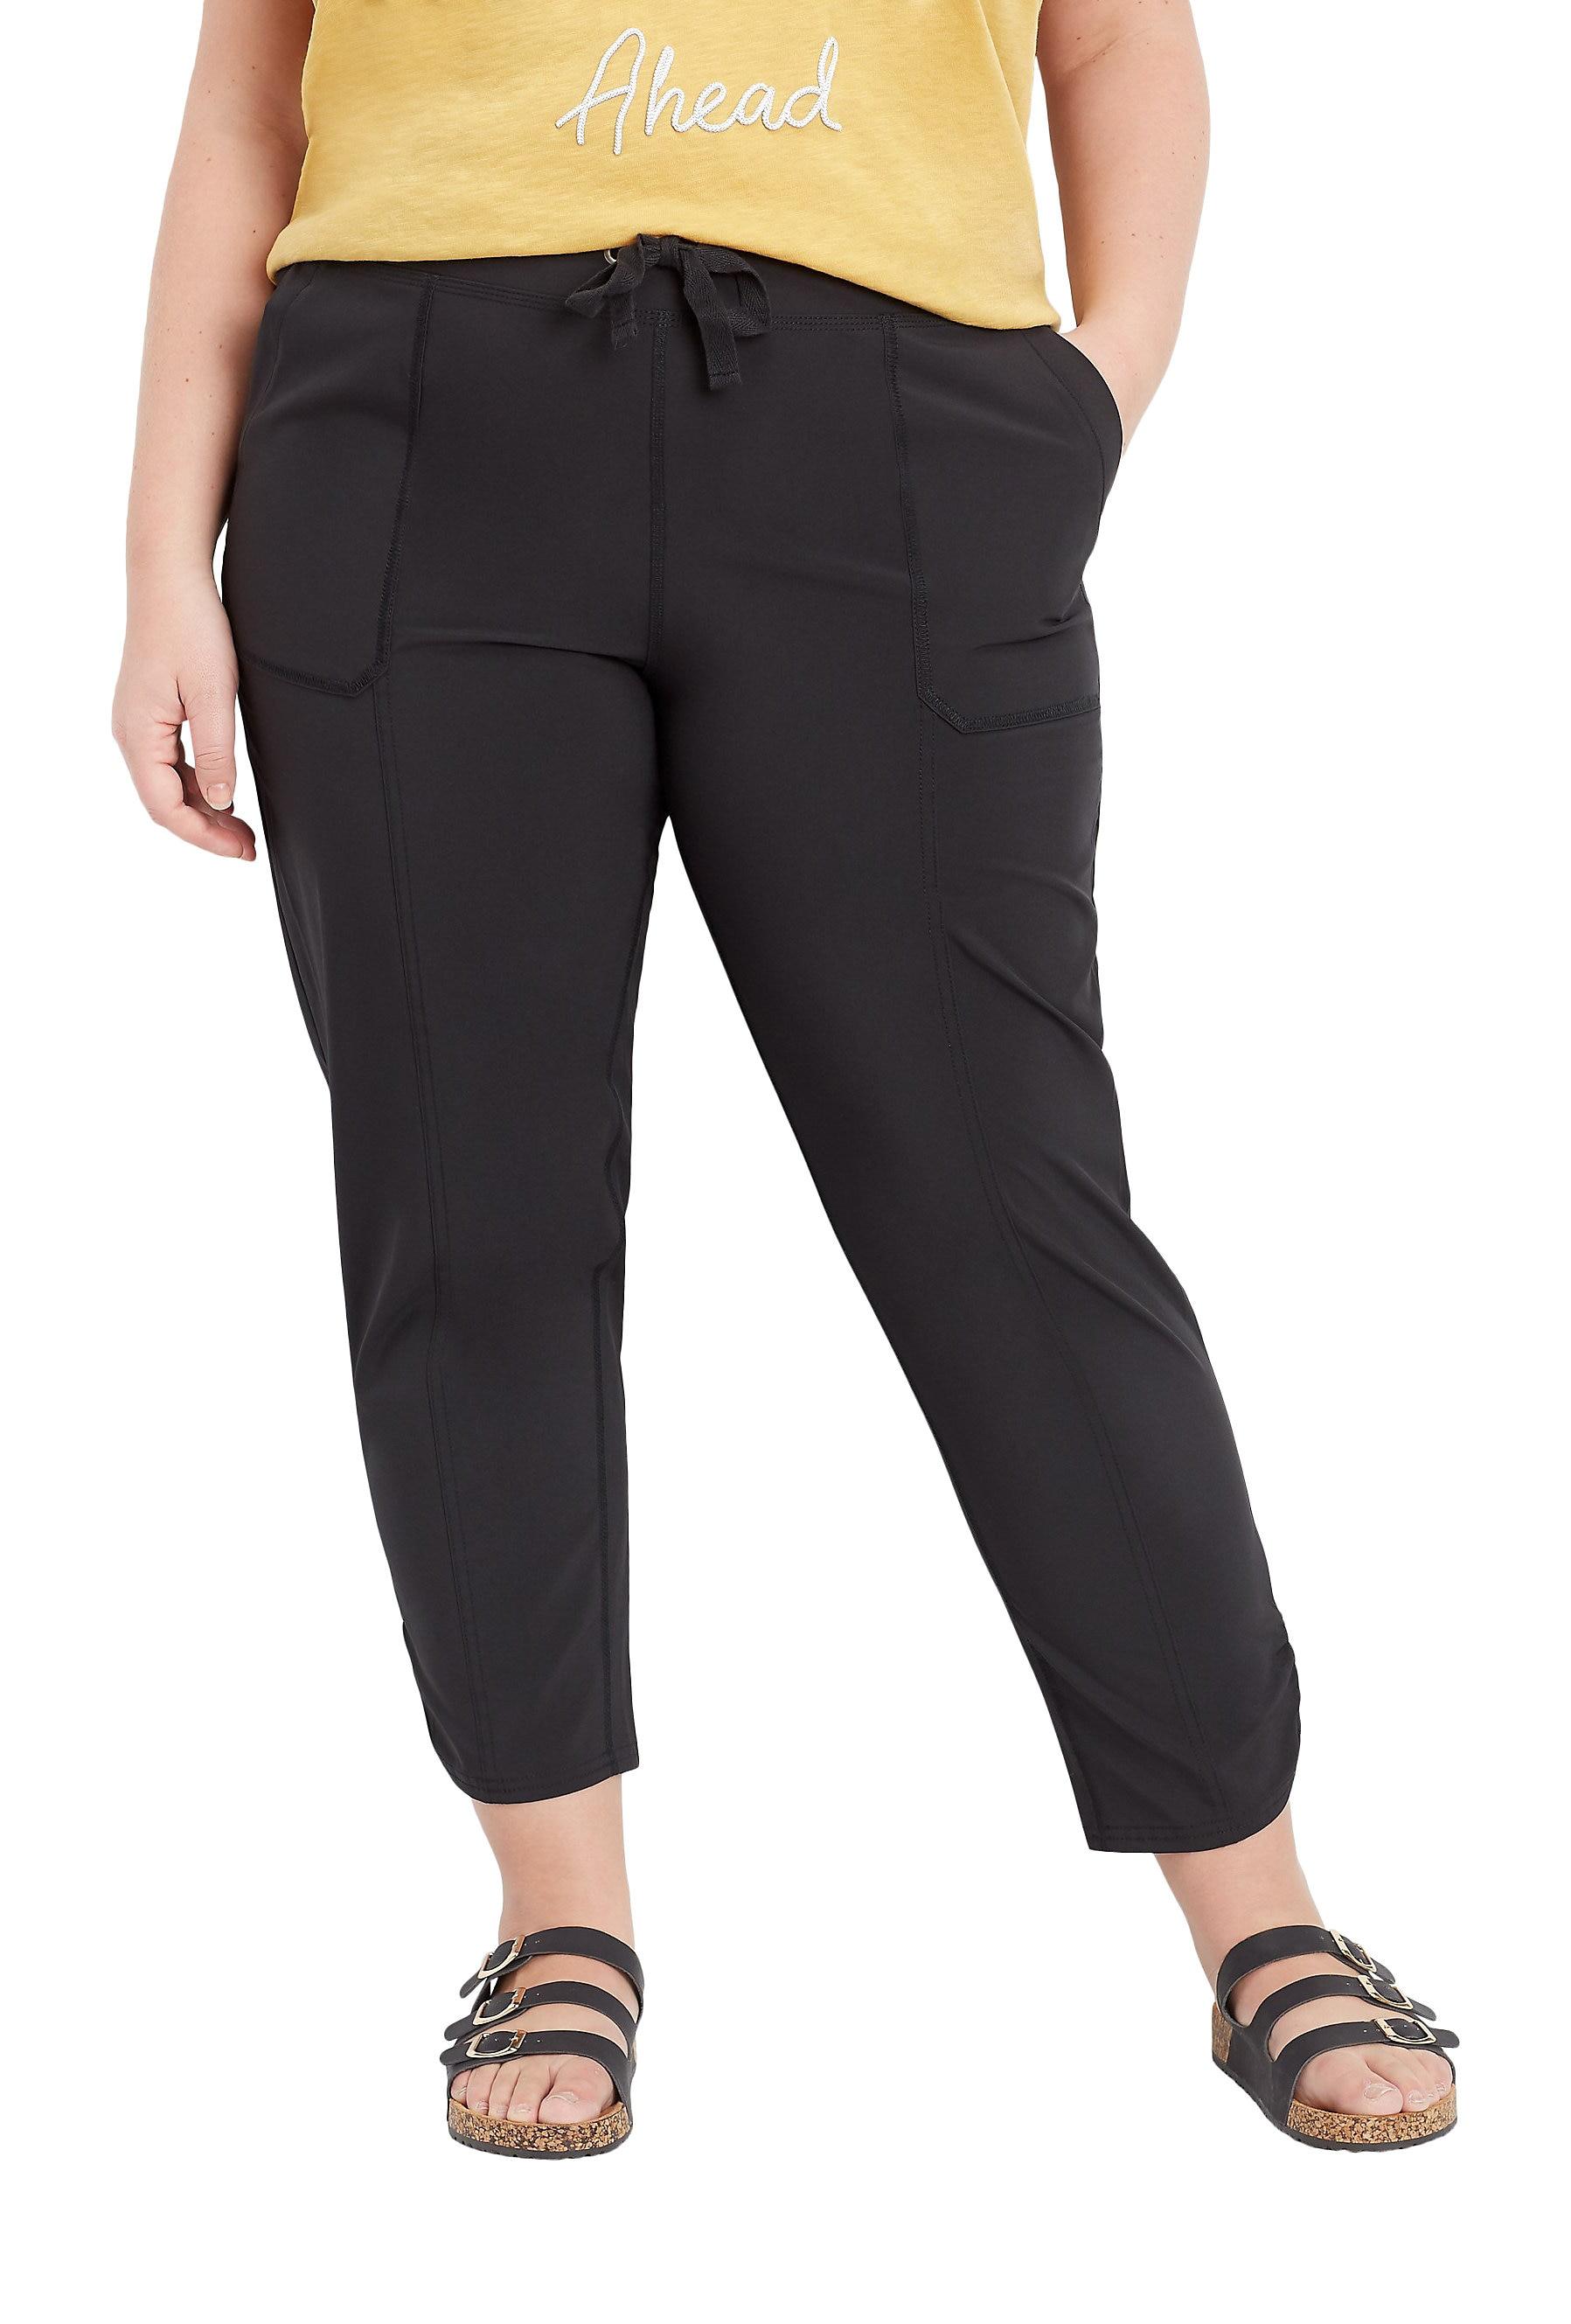 Plus Size Black Ruched Hem Tie Waist Ankle Pant